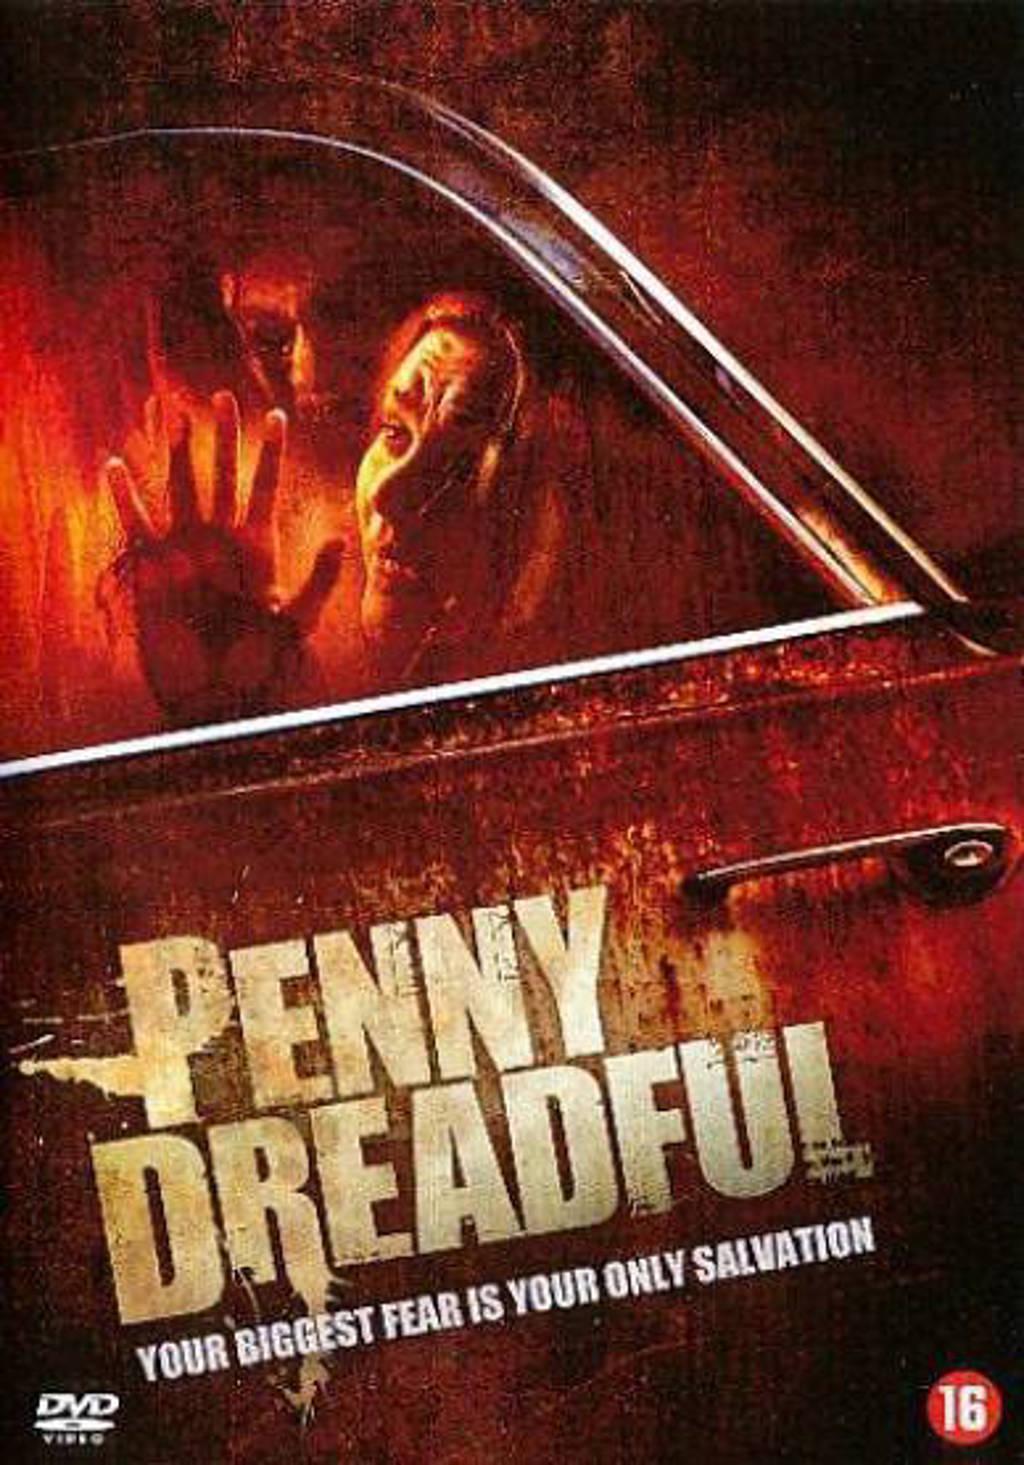 Penny dreadful (DVD)